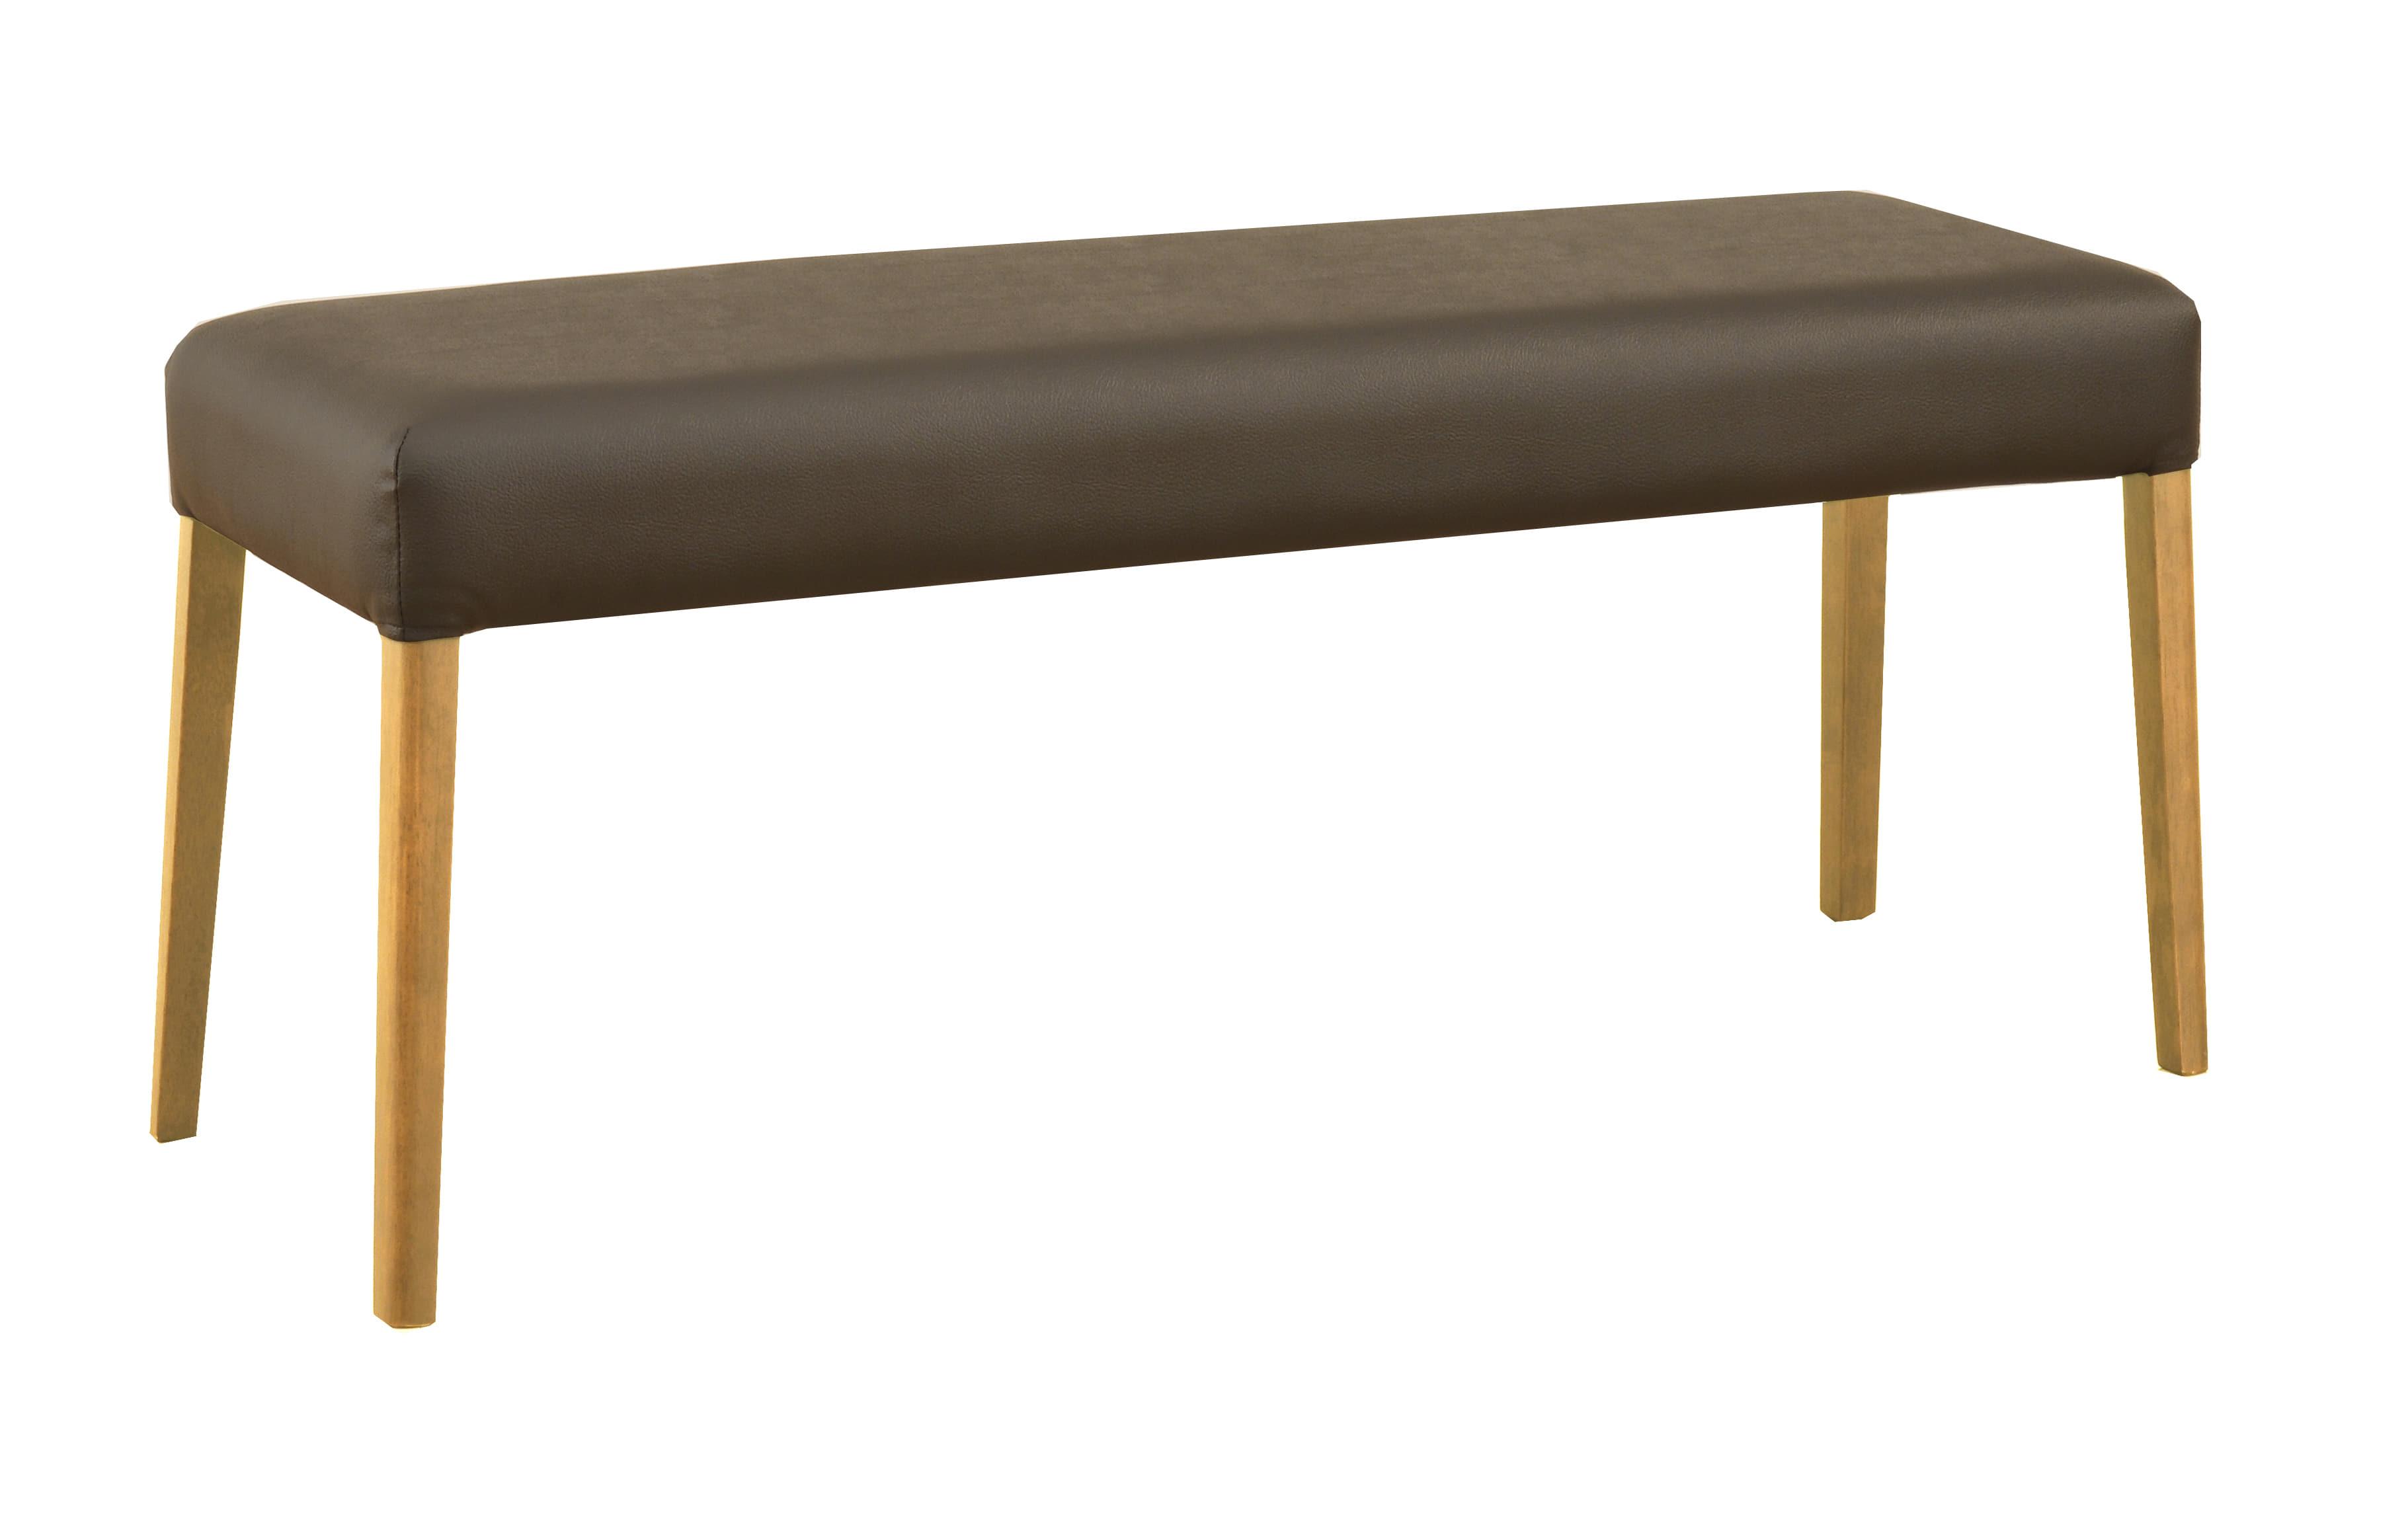 ダイニングベンチ W/Oセレクト 100ベンチ デニッシュ(NR/XBR):ダイニングベンチ W/Oセレクト